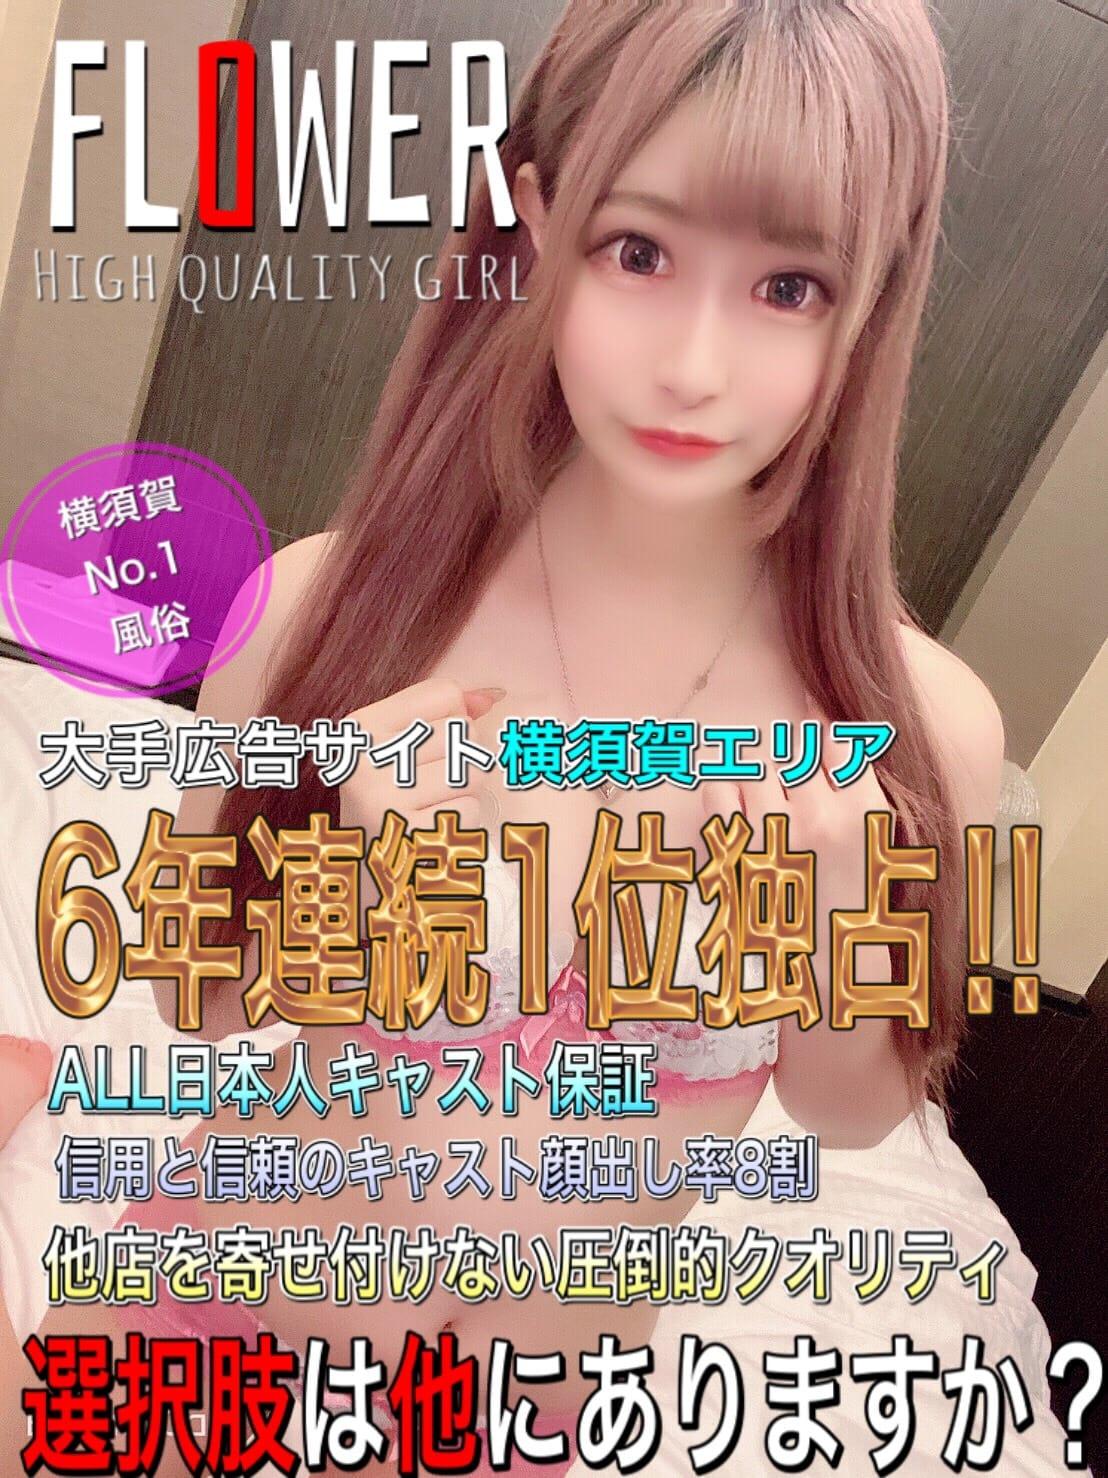 「openより横須賀エリア1位独占♥Flower」06/23(水) 15:02   トピックスの写メ